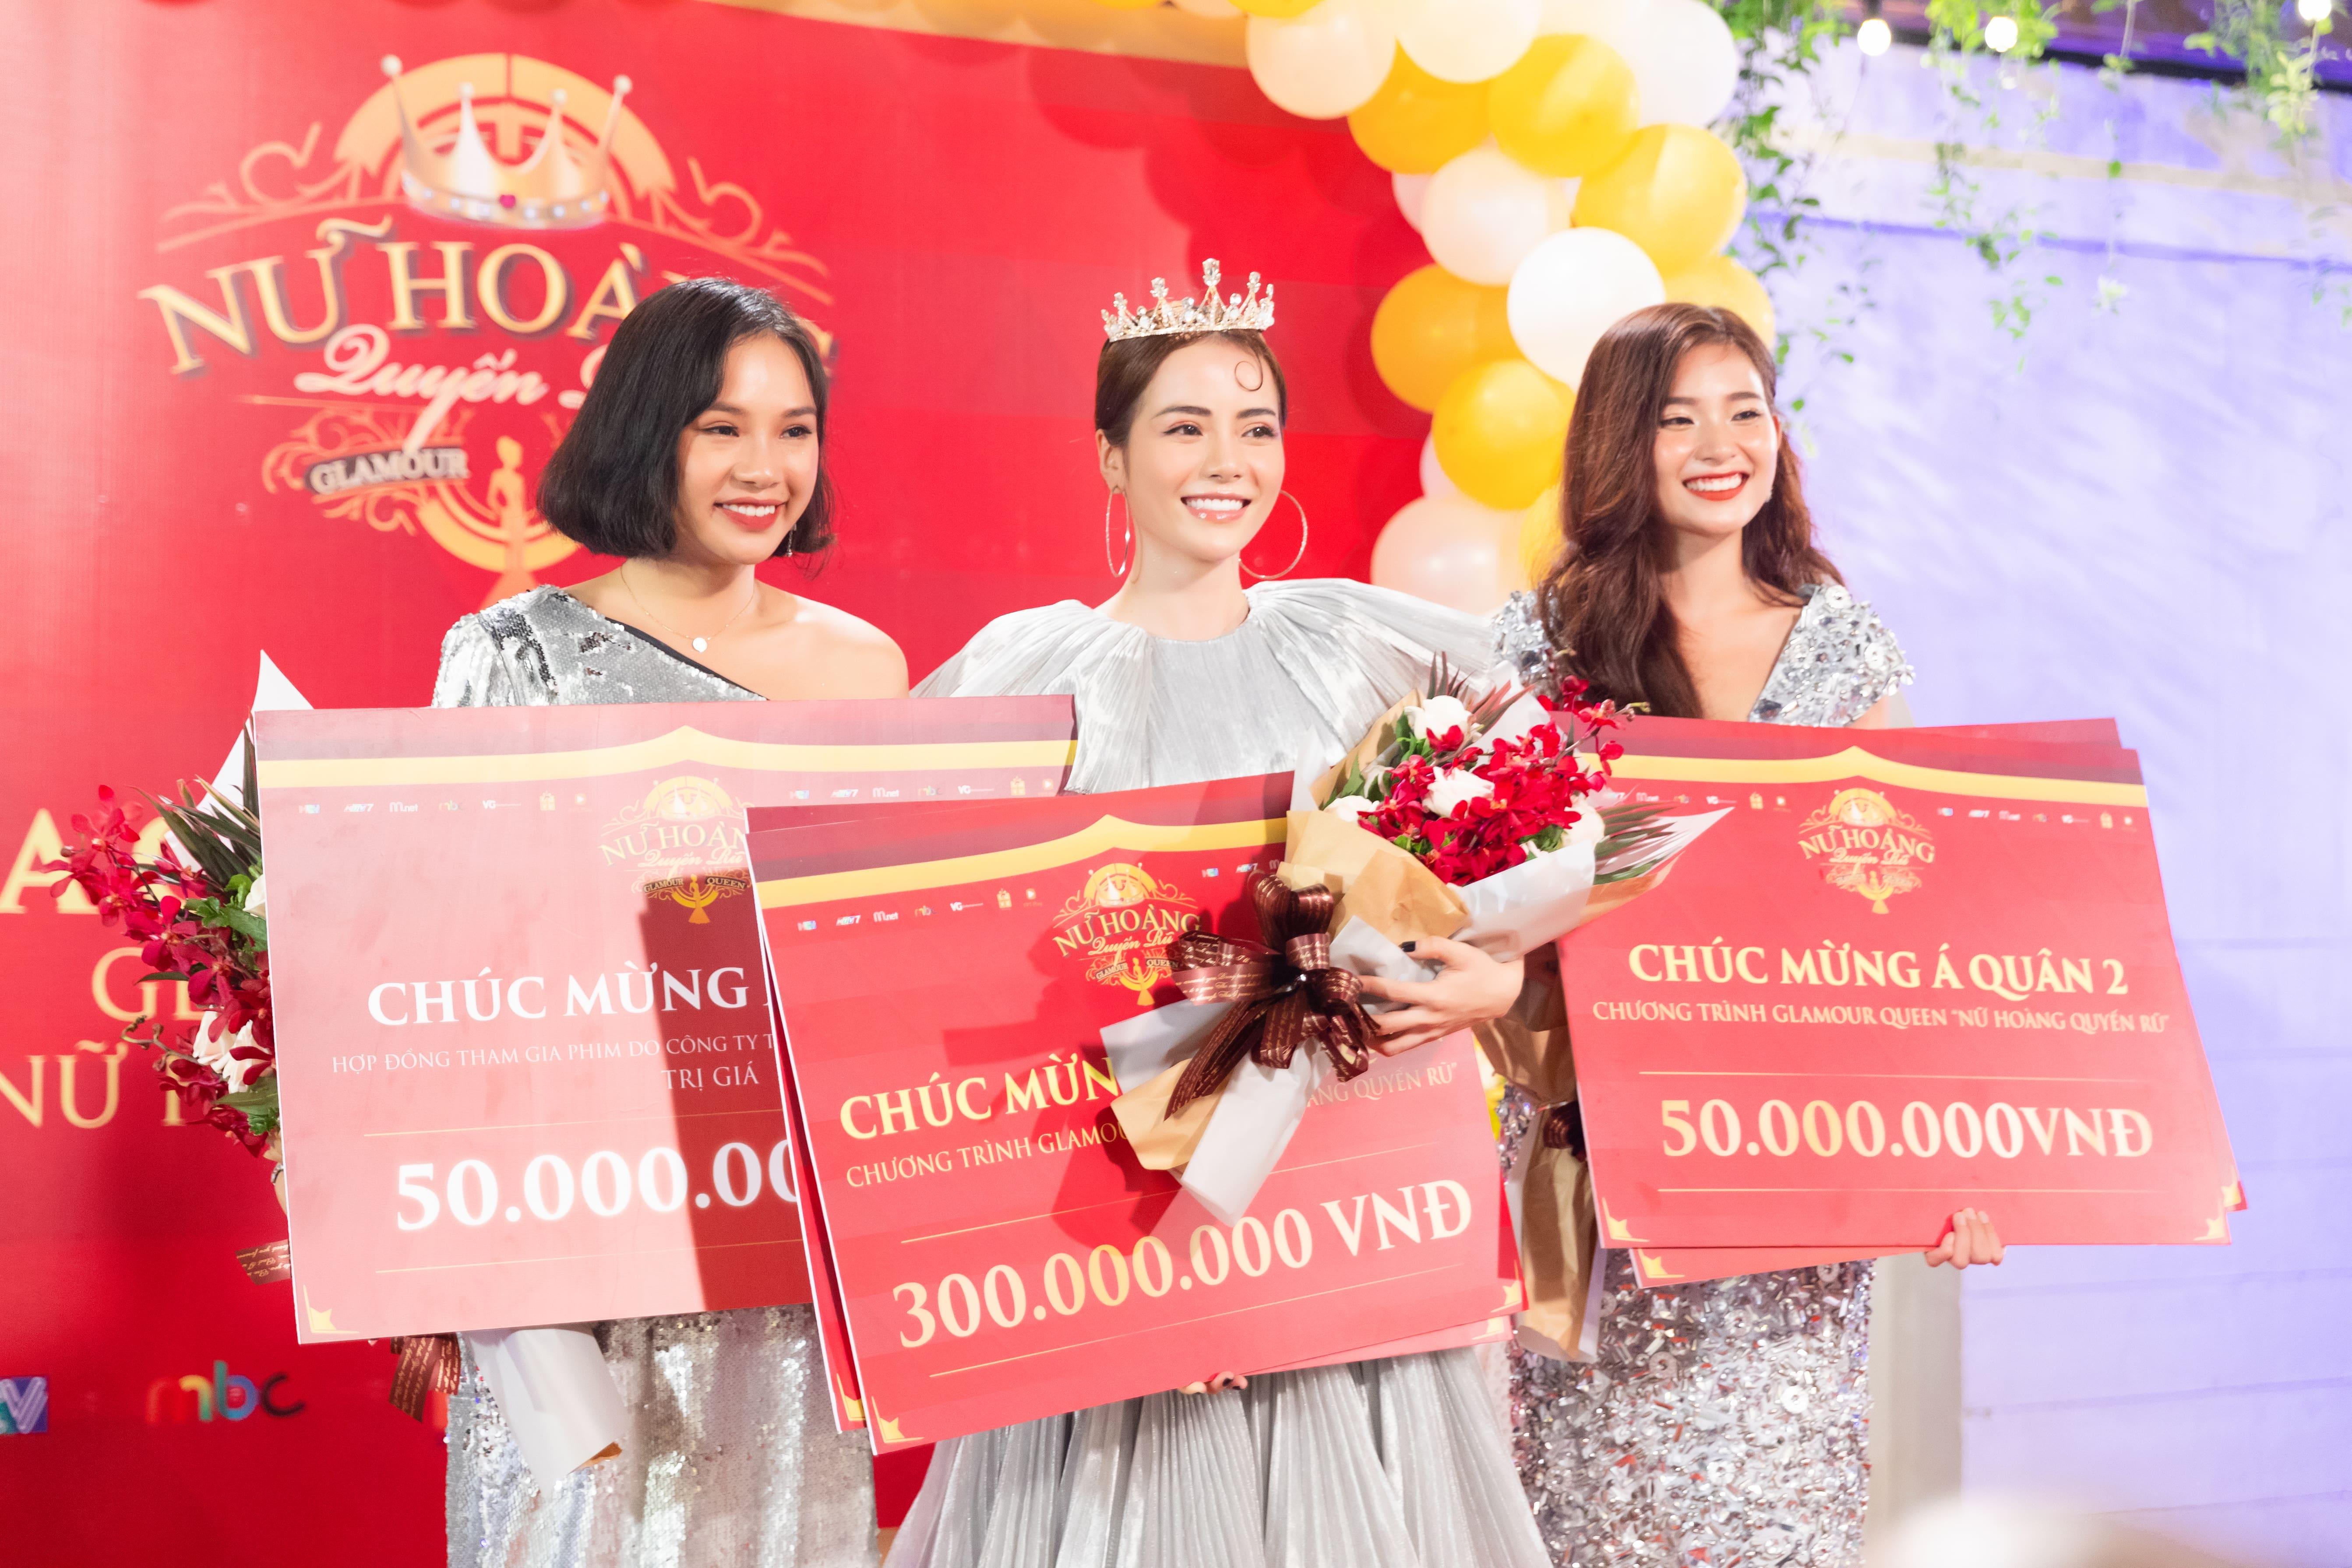 Á quân Gương mặt thân quen Kim Thành bất ngờ nhận được 300 triệu đồng - 1